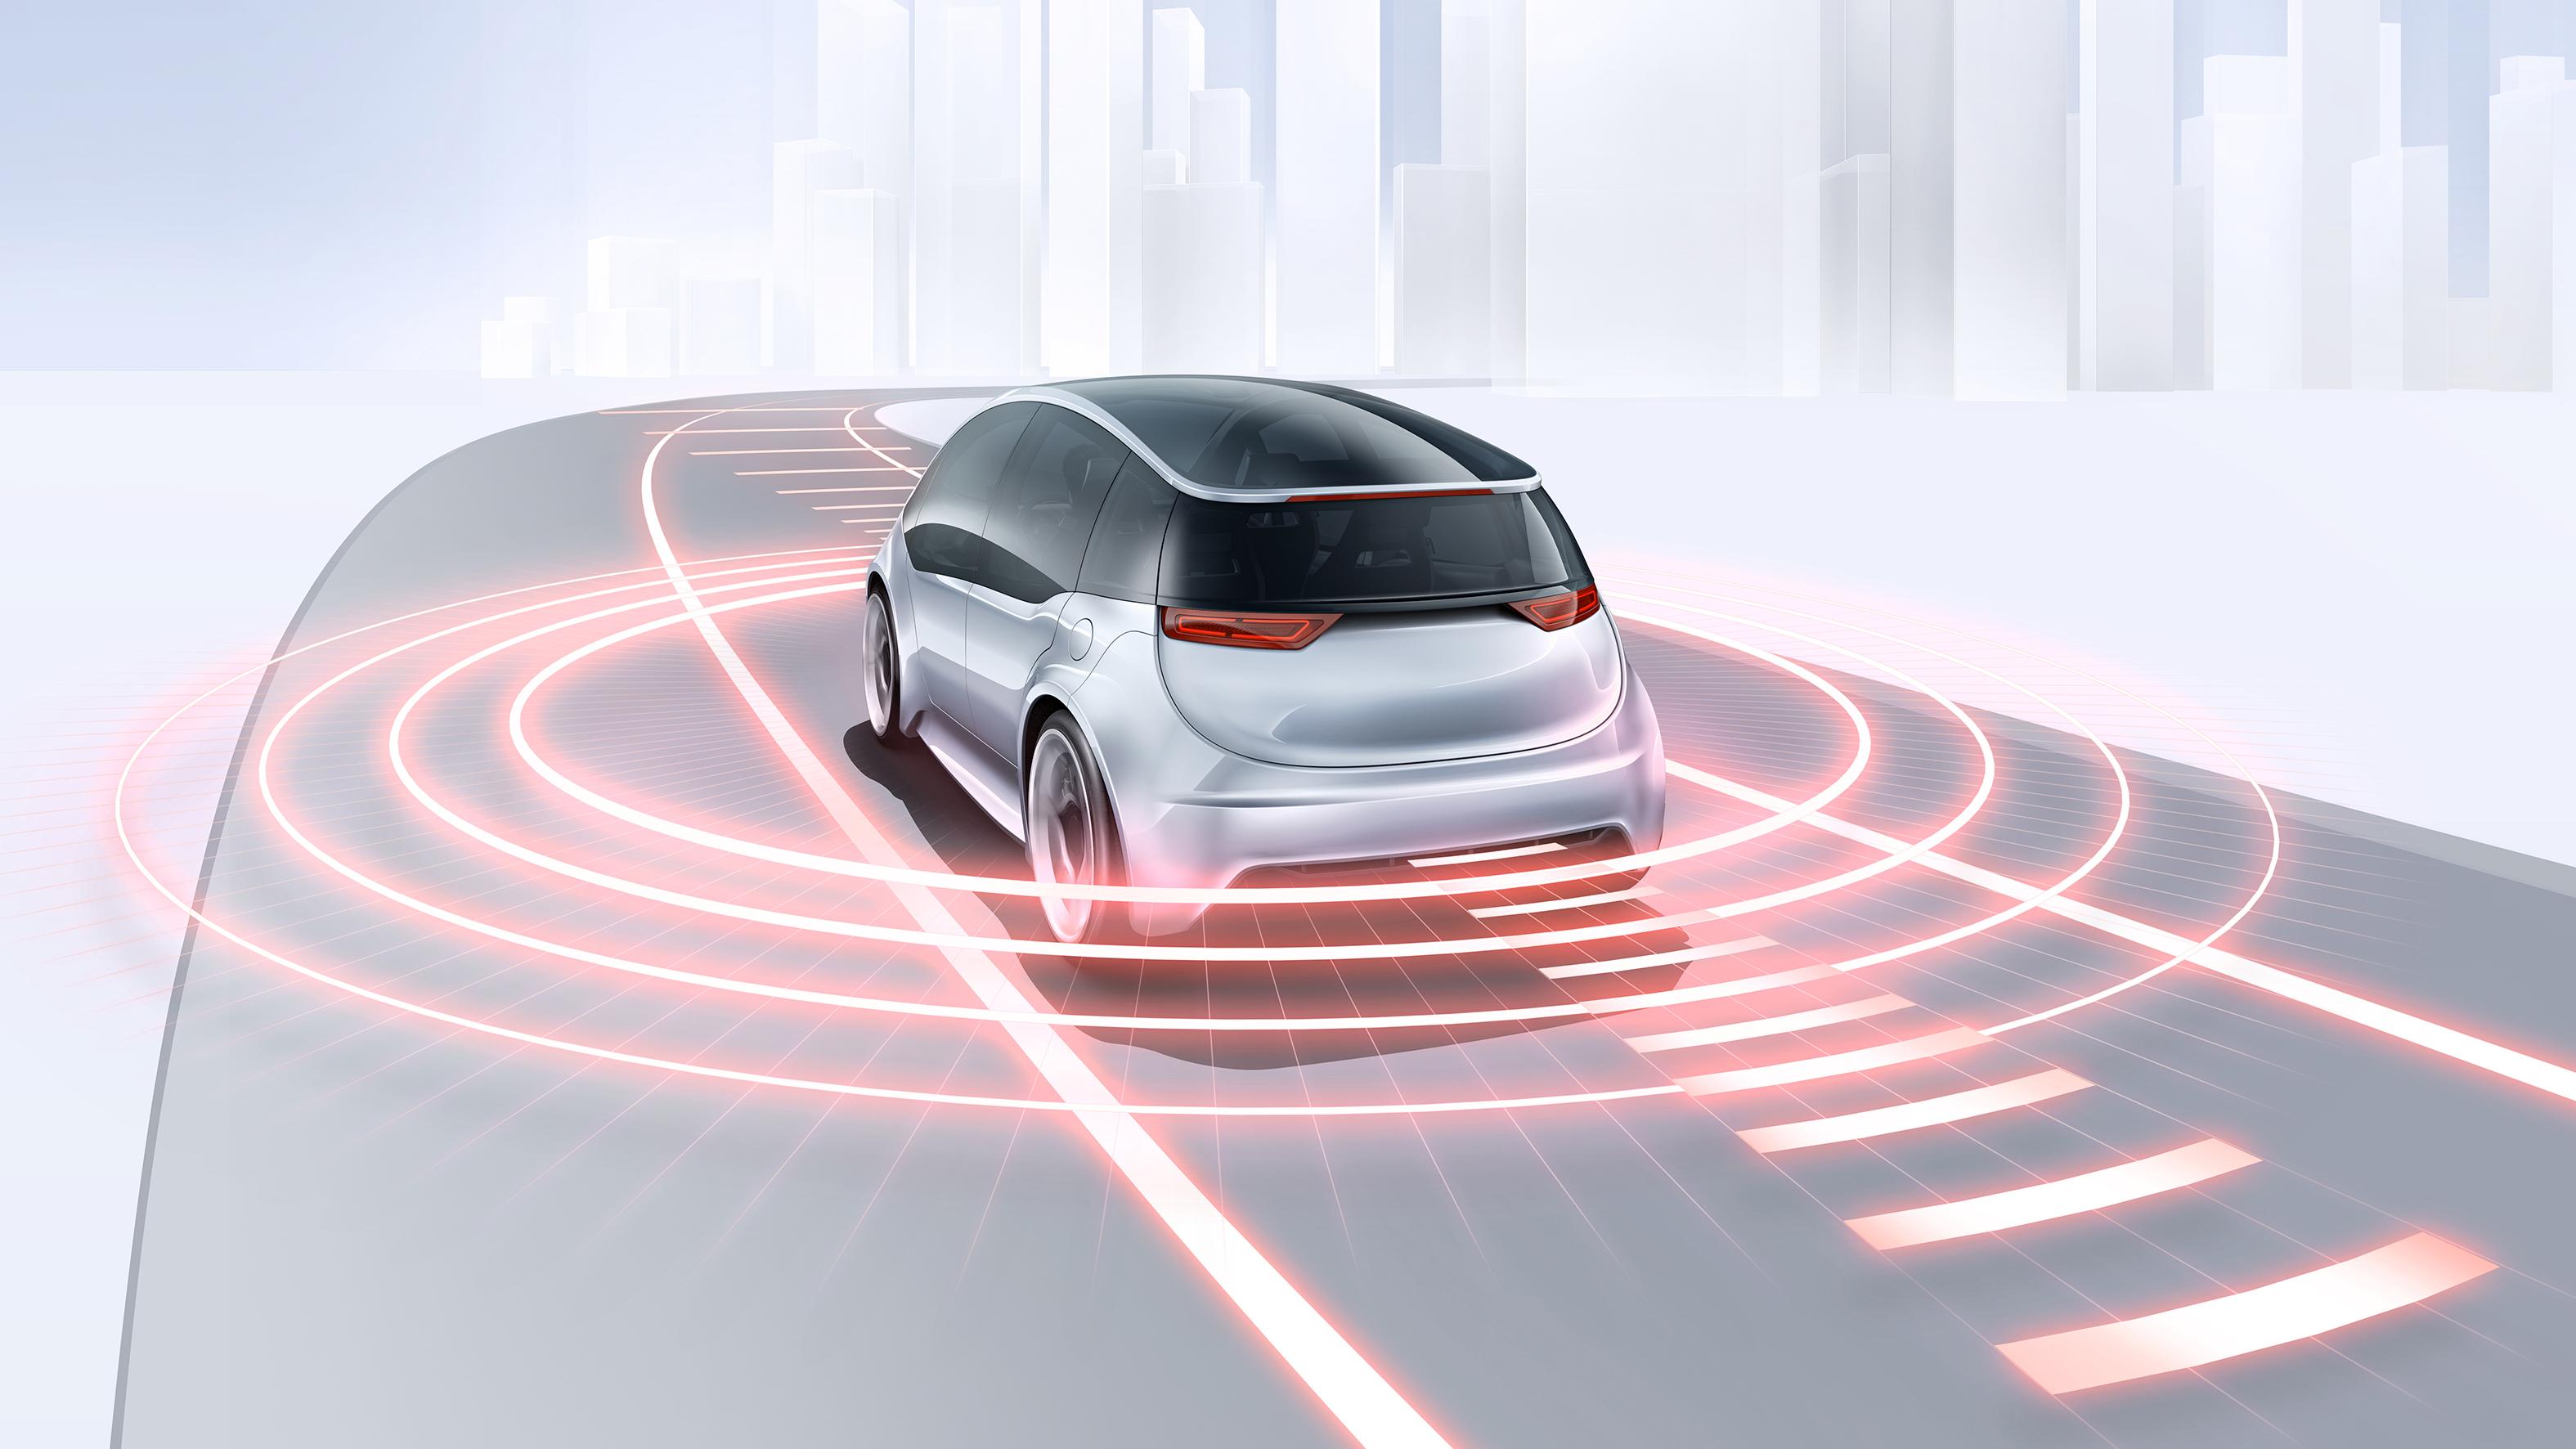 Bezpieczeństwo do potęgi trzeciej: Bosch uzupełnia ofertę czujników do zautomatyzowanej jazdy